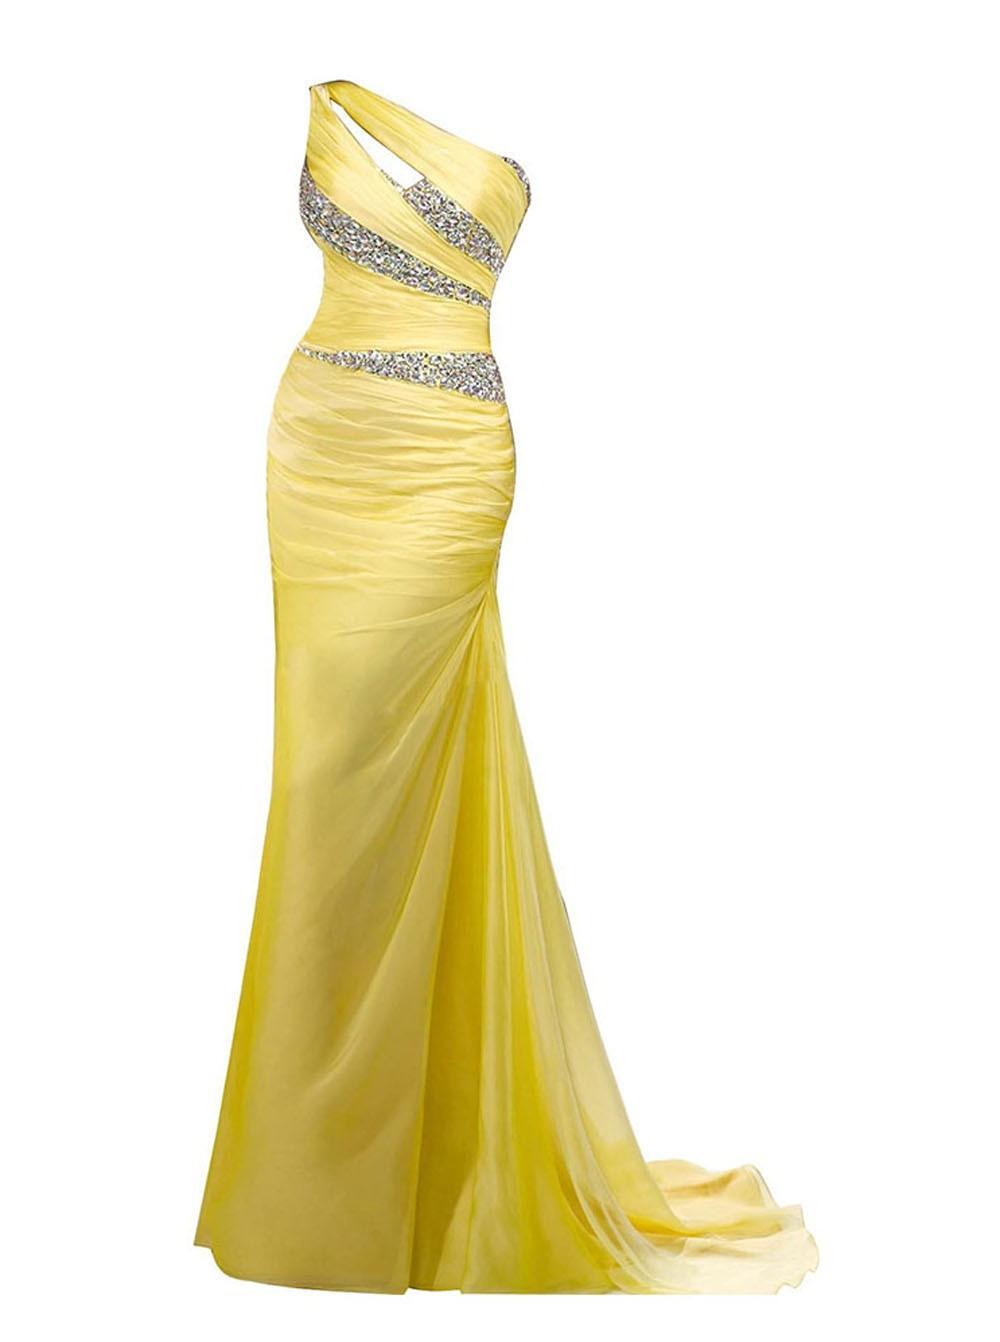 Designer Cool Abendkleid In Gelb ÄrmelFormal Fantastisch Abendkleid In Gelb Bester Preis